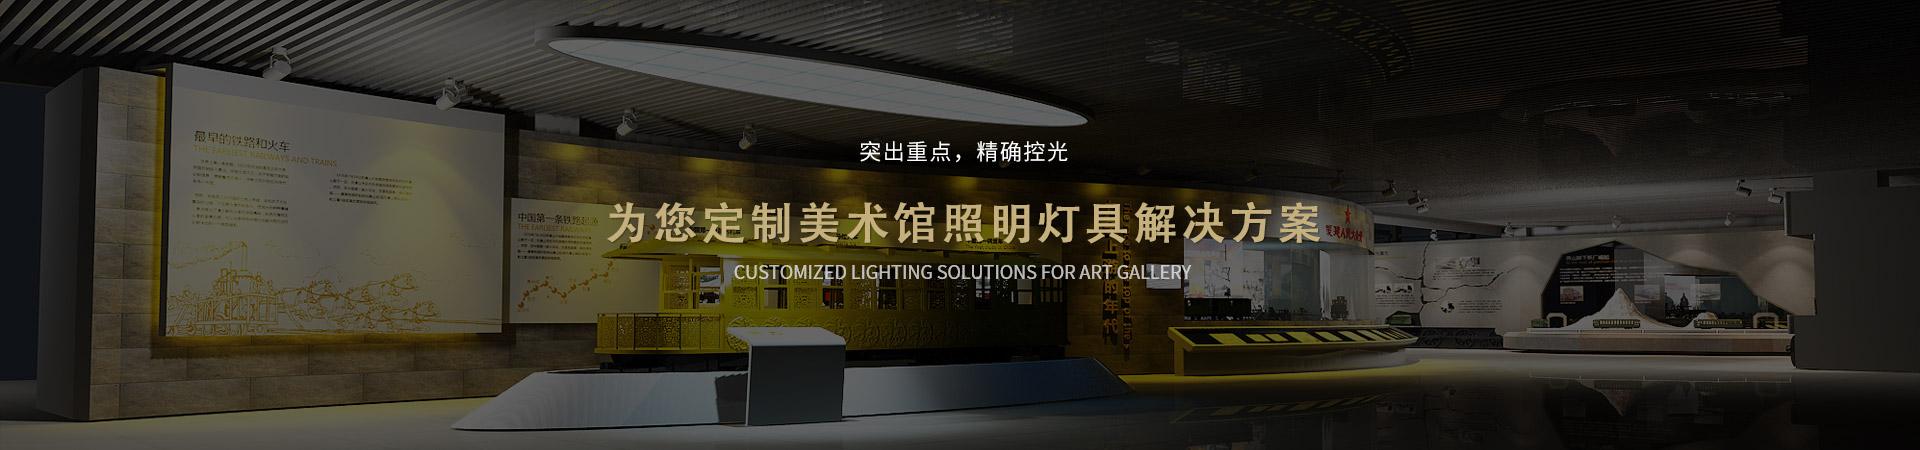 名泓照明-突出重点,精确控光 为您定制美术馆照明灯具解决方案